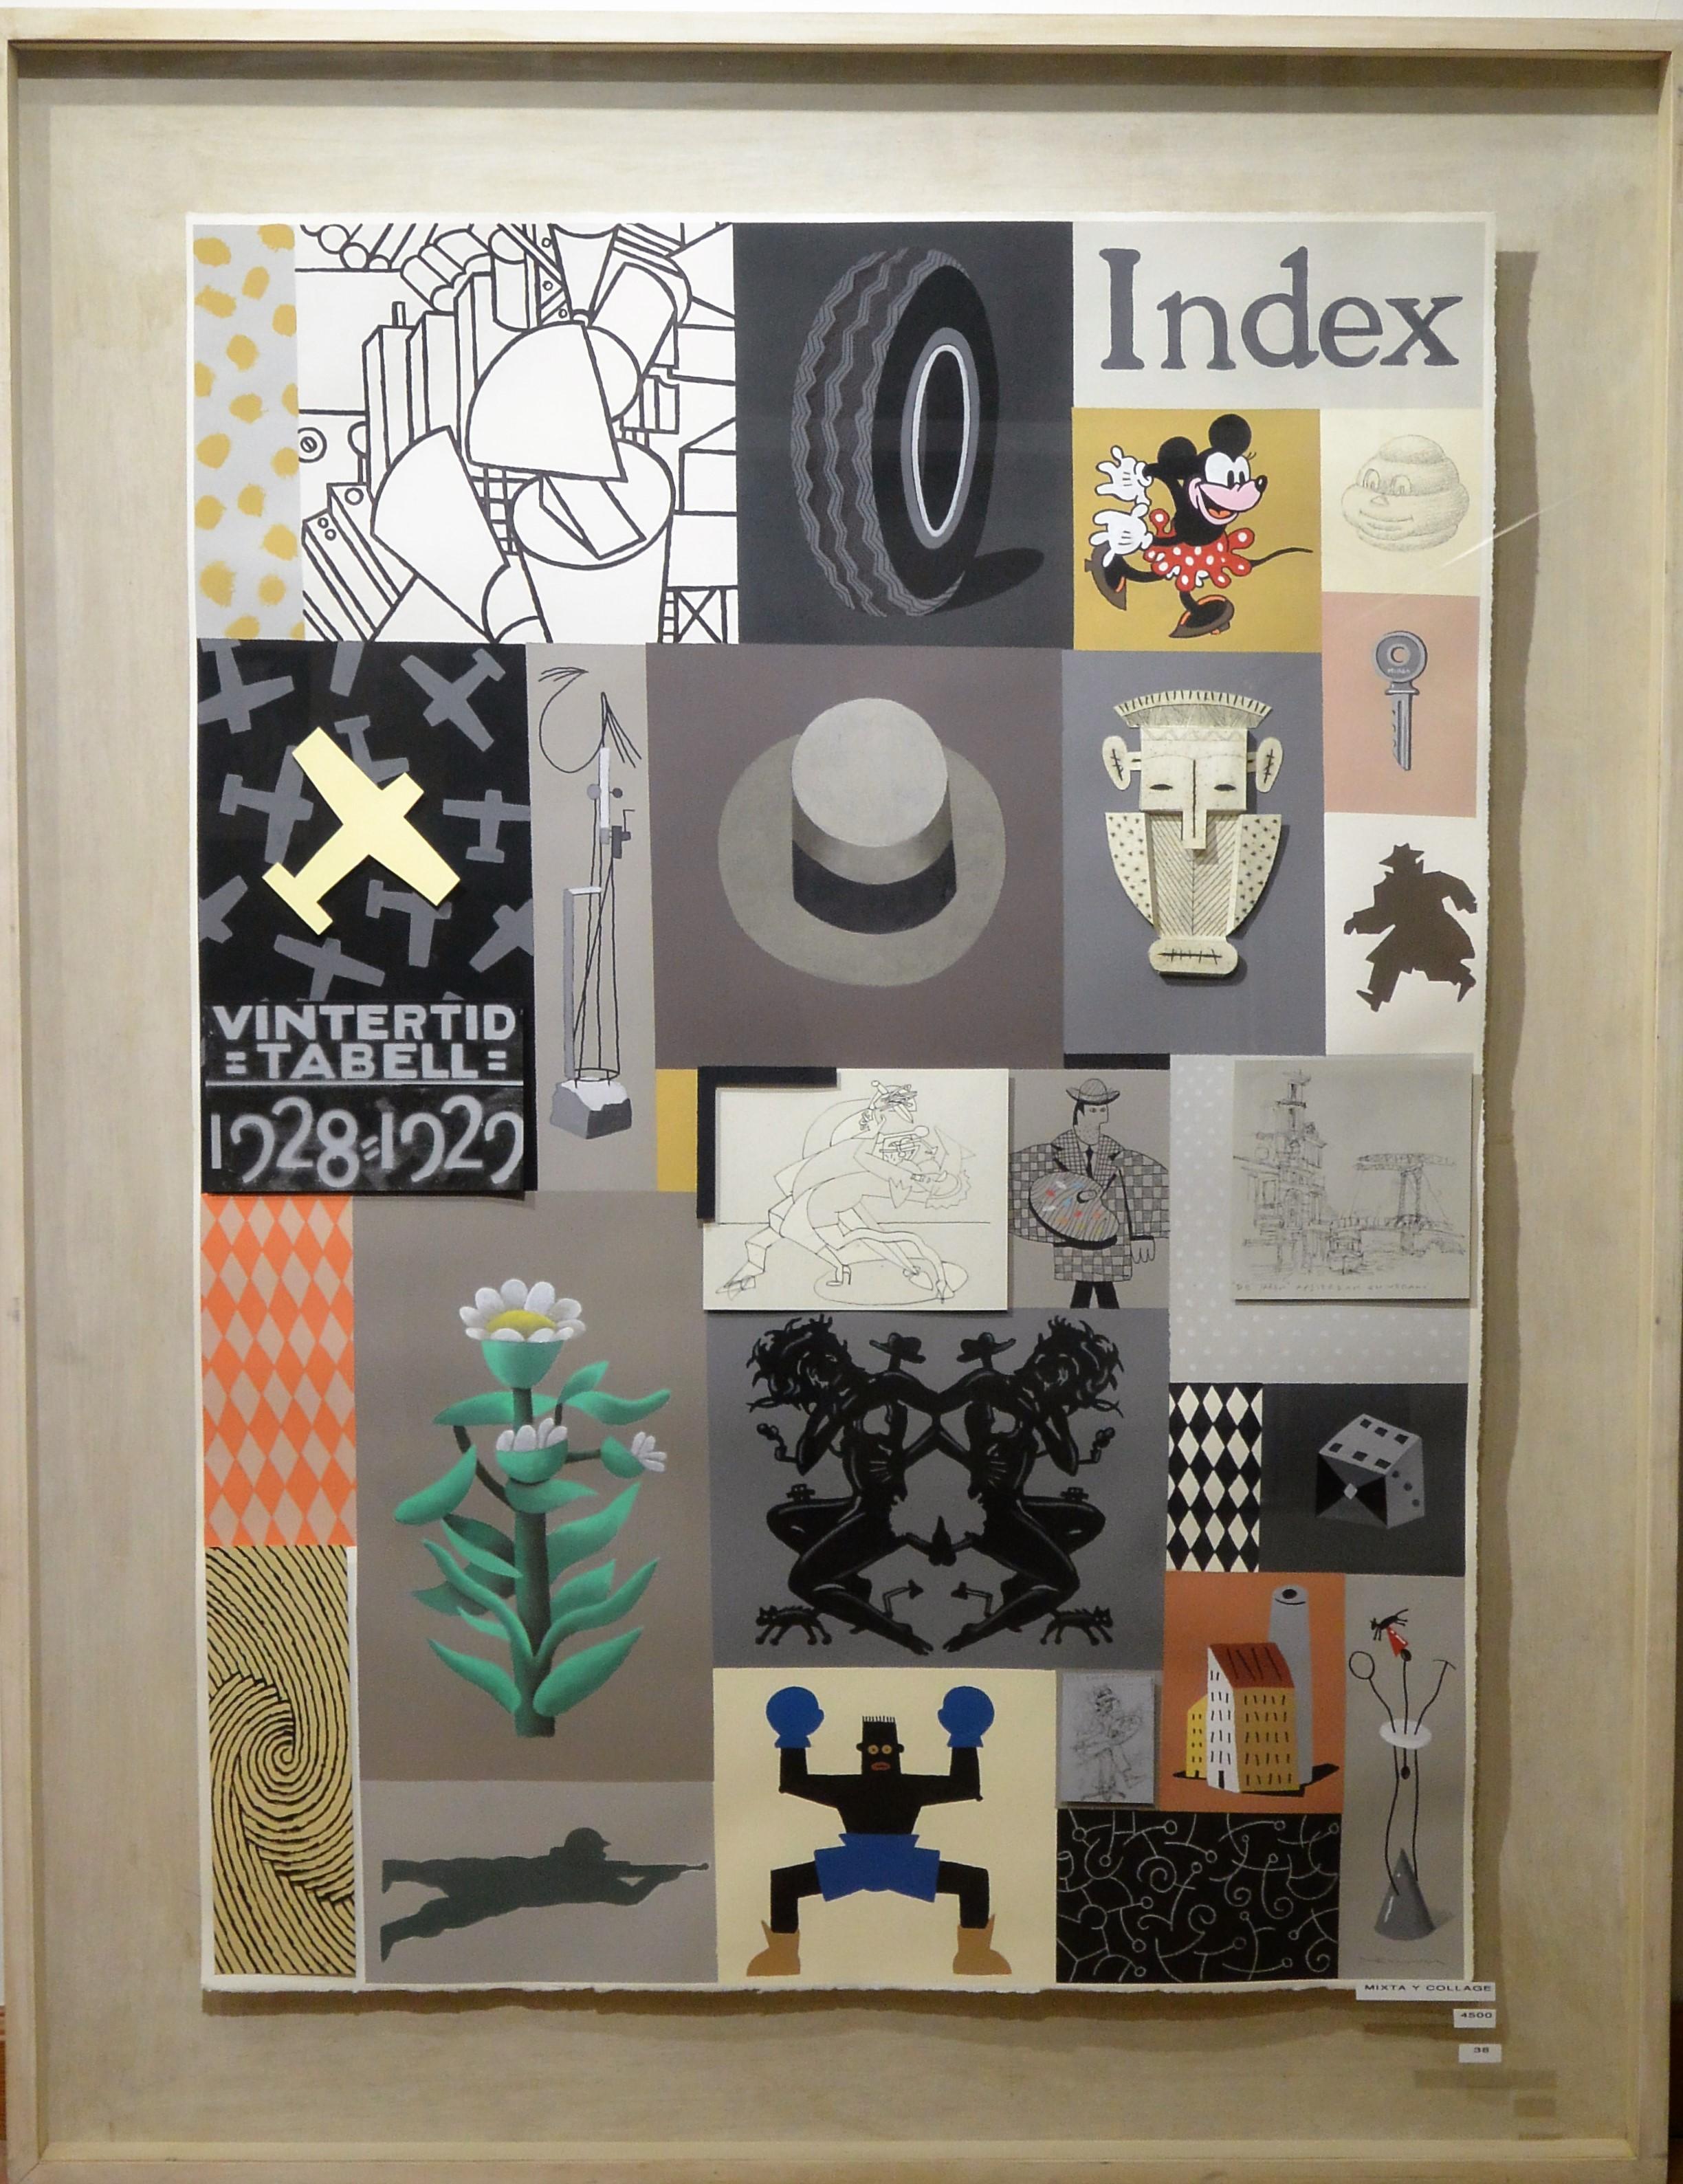 Encantador Collage De Fotos Originales Motivo - Ideas de Decoración ...